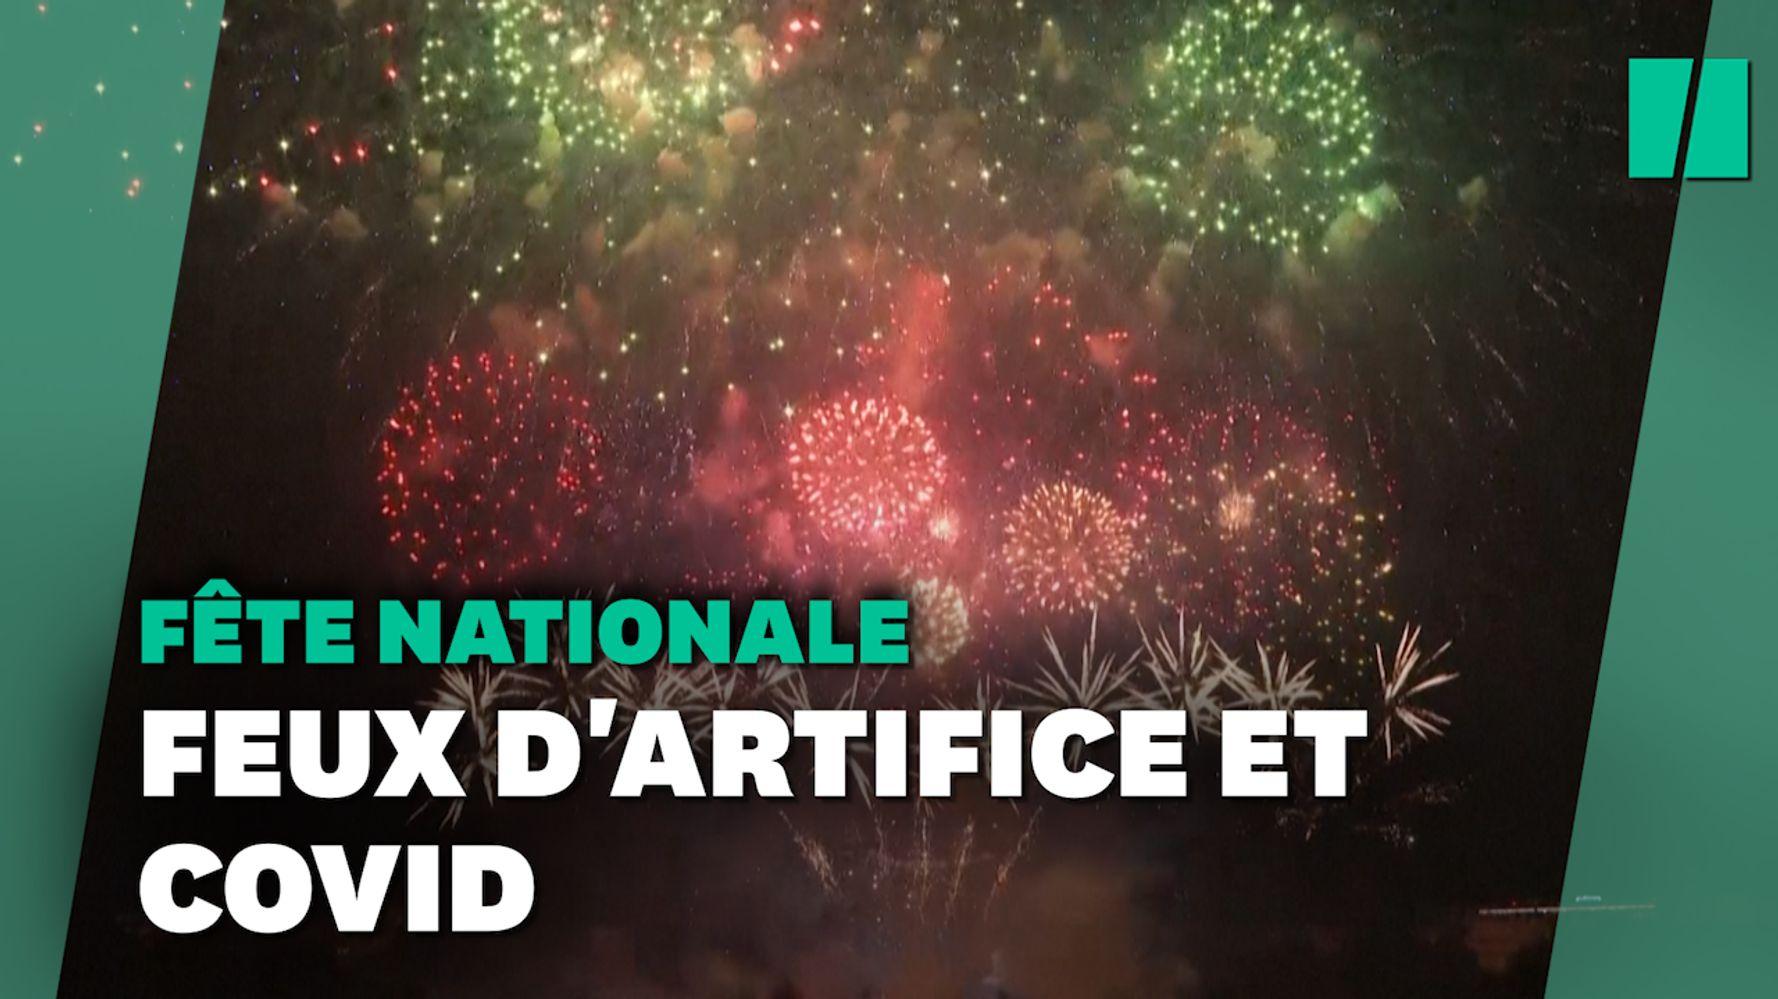 Les images du feu d'artifice du 14-Juillet à Paris, sous pass sanitaire